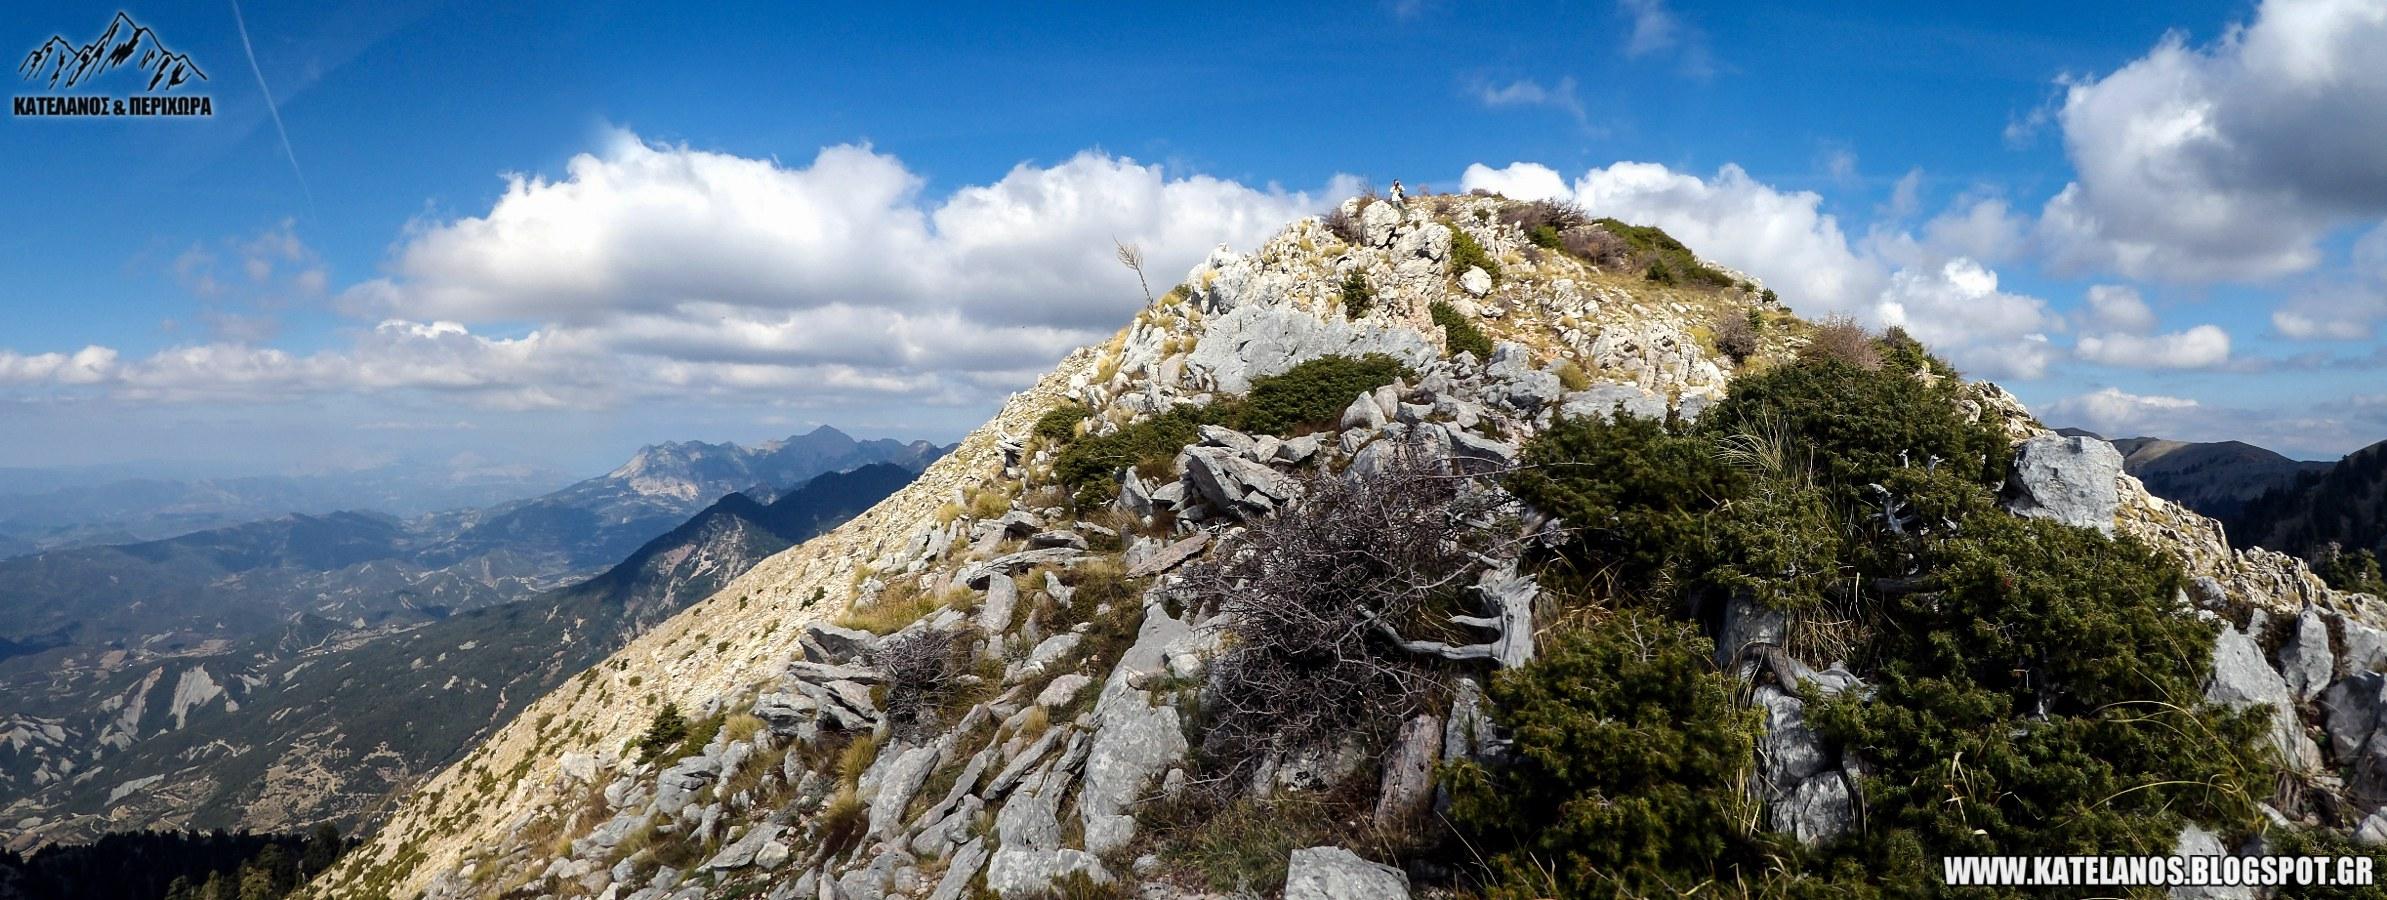 γερακούλα βουνοκορφή παναιτωλικό